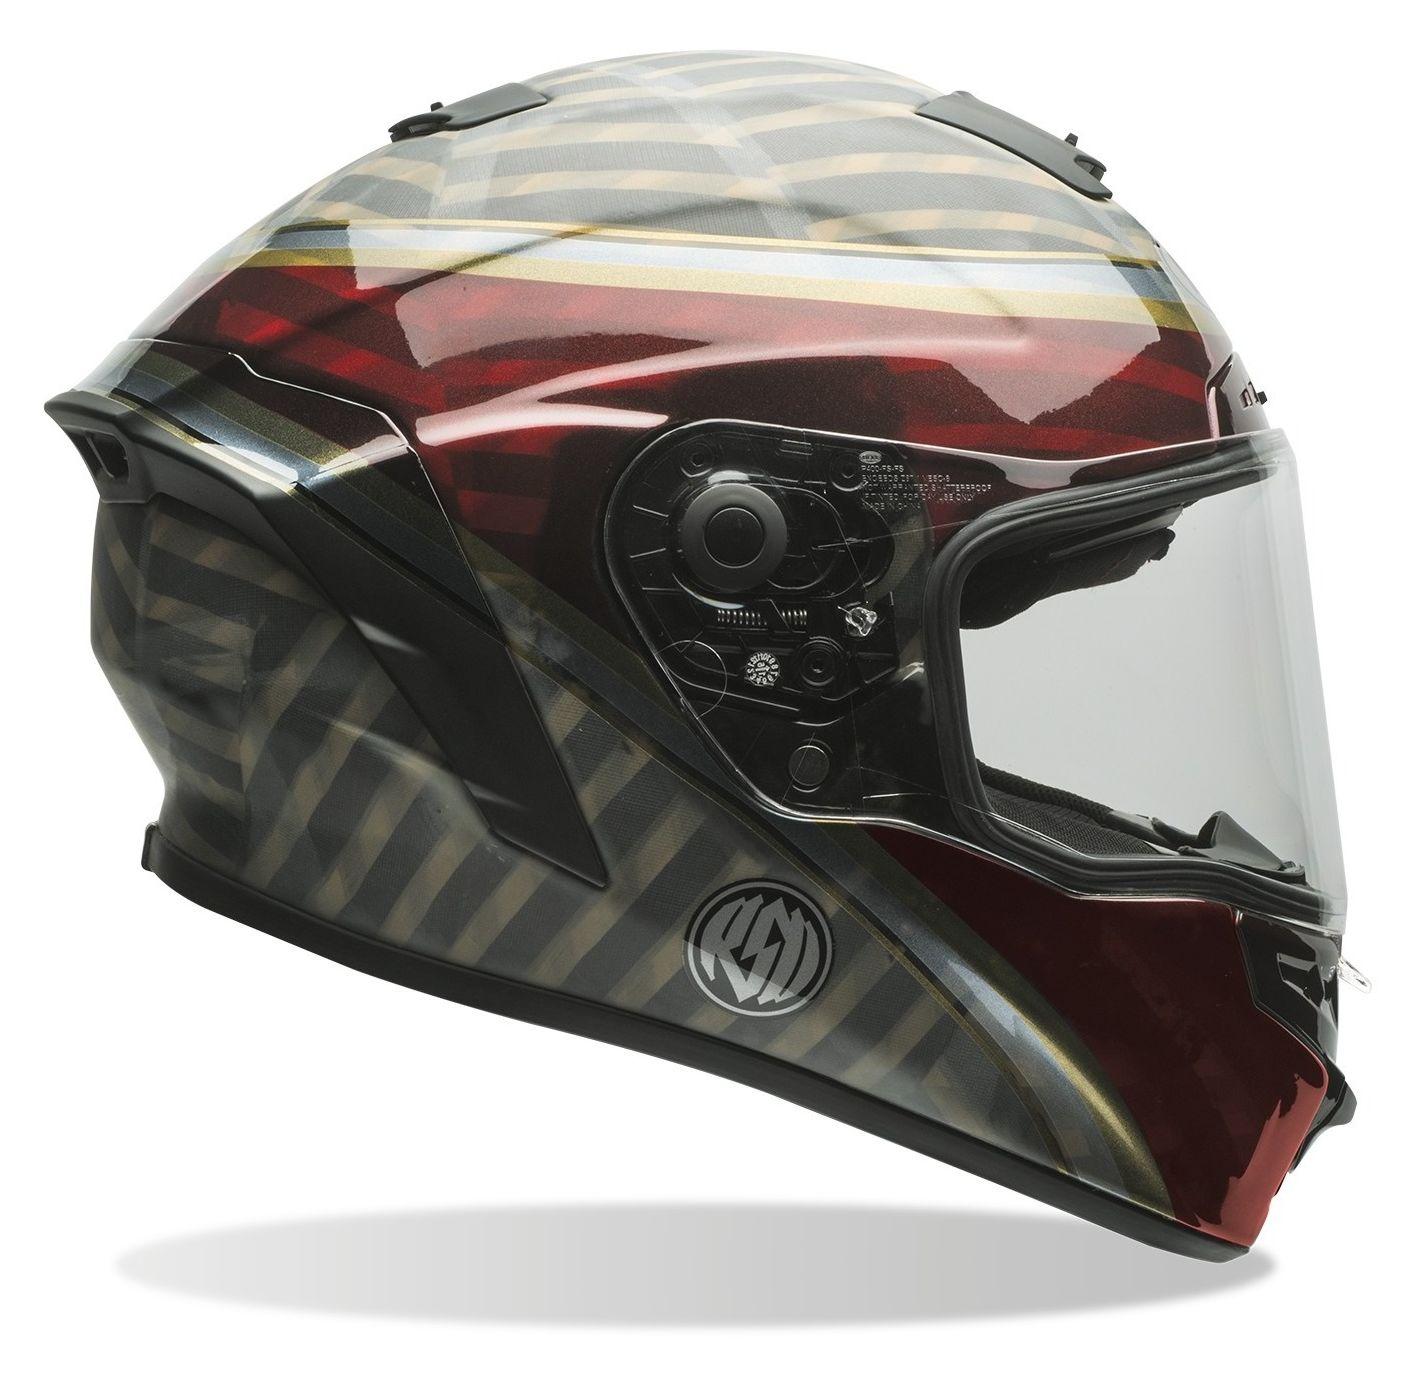 Bell Star Rsd Blast Helmet Revzilla